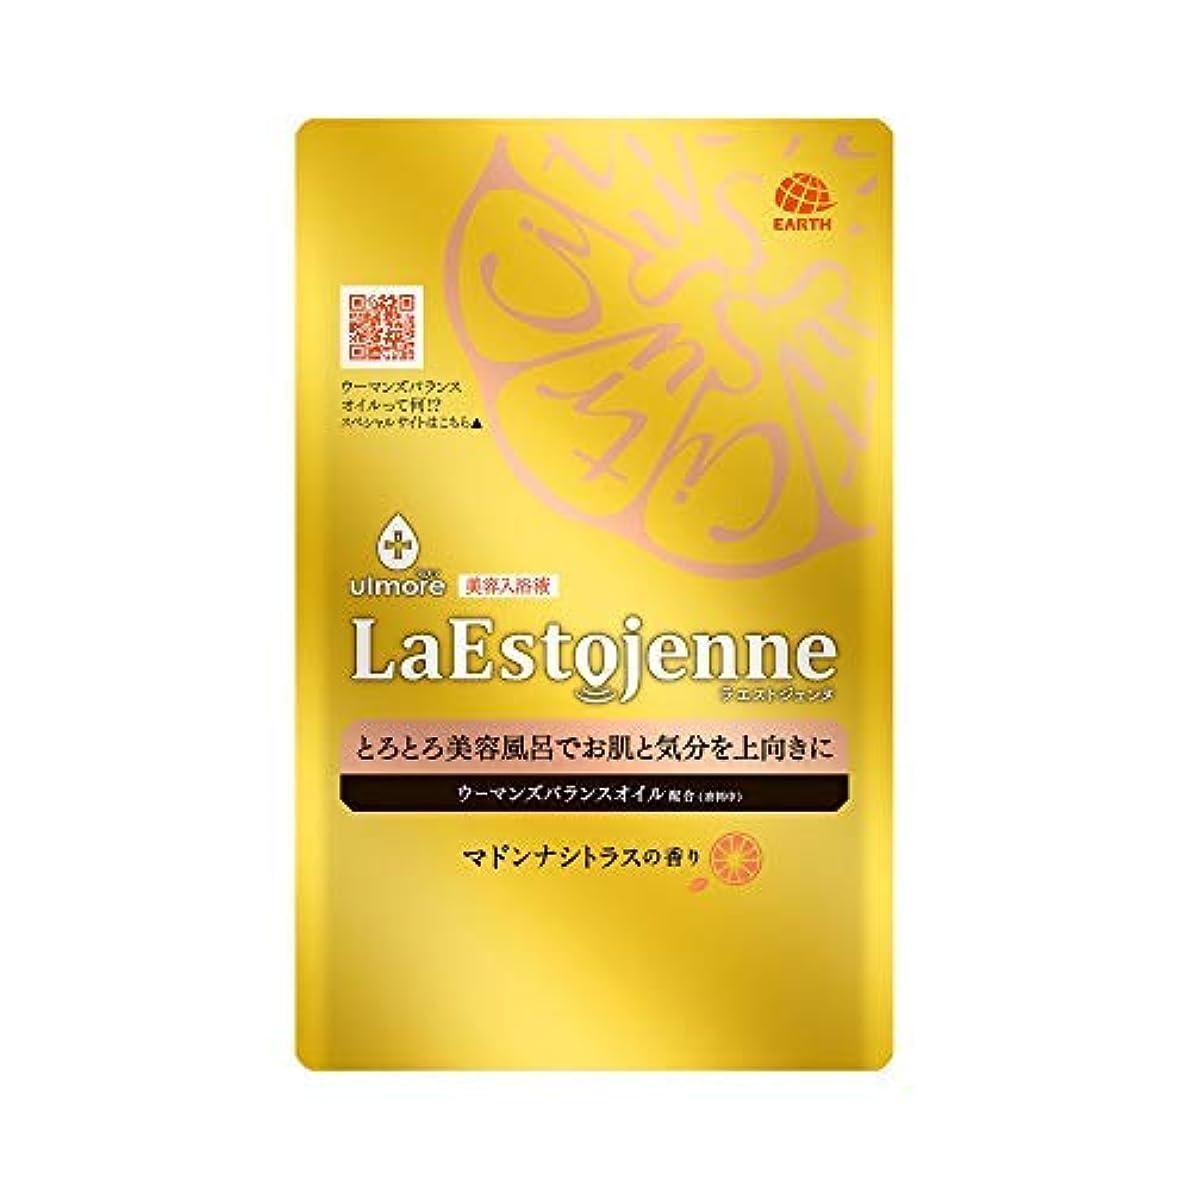 厳密に電話するテロリストウルモア ラエストジェンヌ マドンナシトラスの香り 1包 × 10個セット